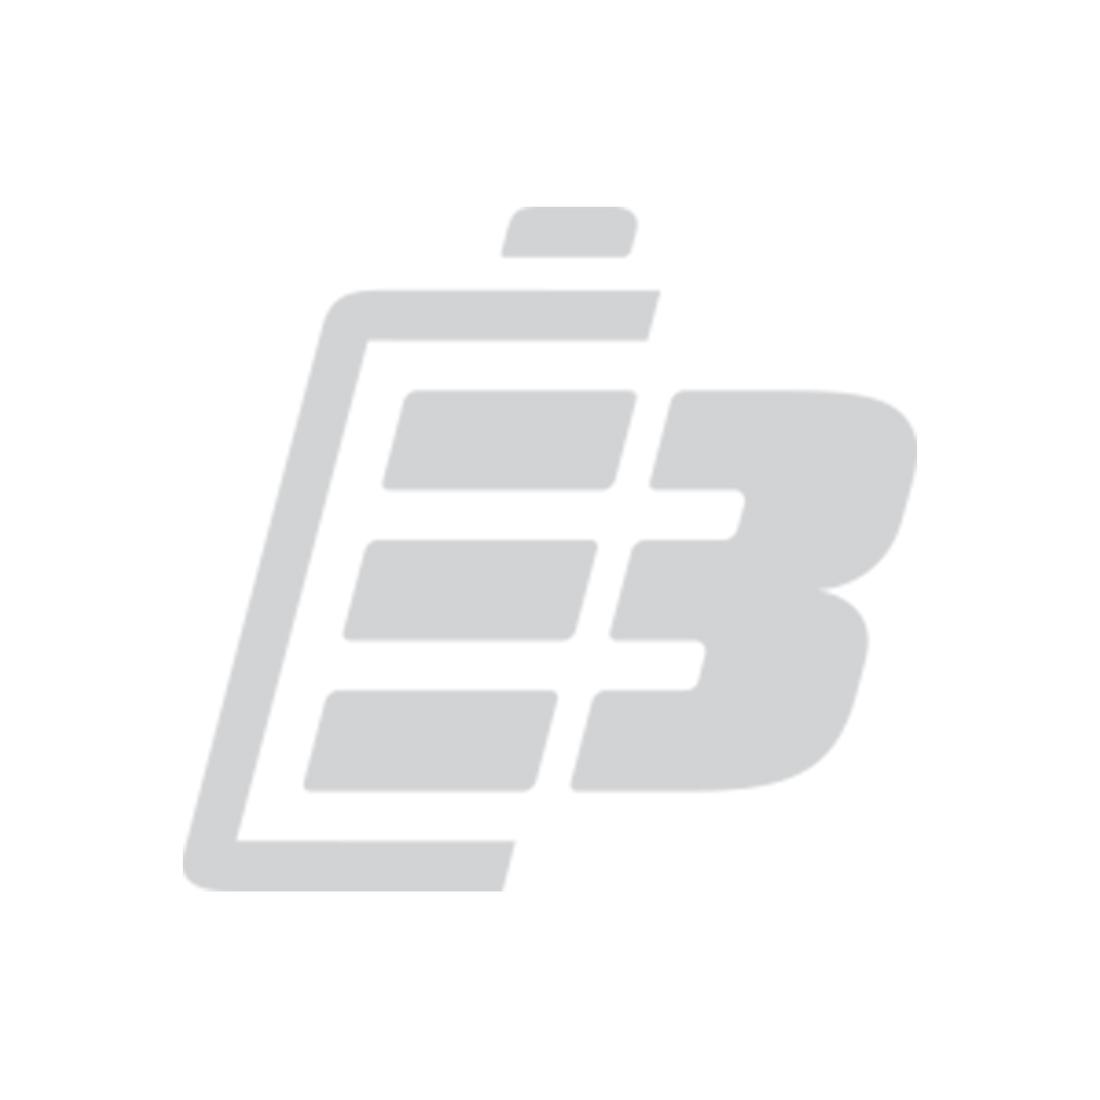 Μπαταρία Laptop Asus M50_1